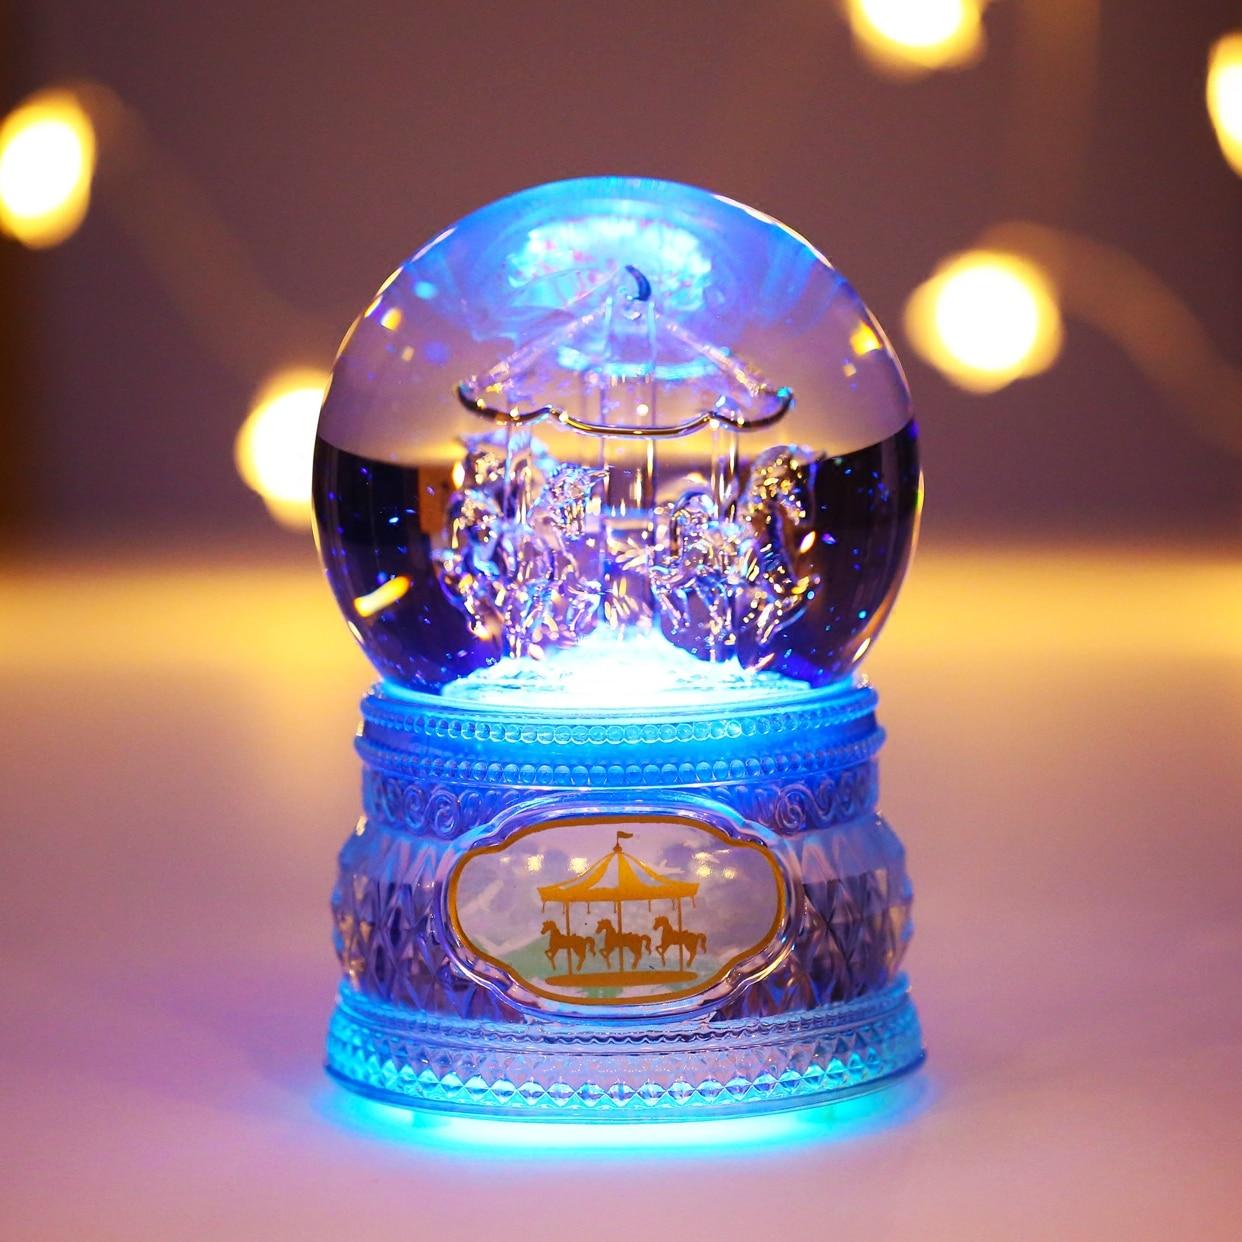 Musik Boîte Livraison Gratuite Tous Cristal Qui Coule Avec Lampe La Boîte À Musique de Boule Un Carrousel Lumière Flottant Neige de Valentine jour Cadeaux